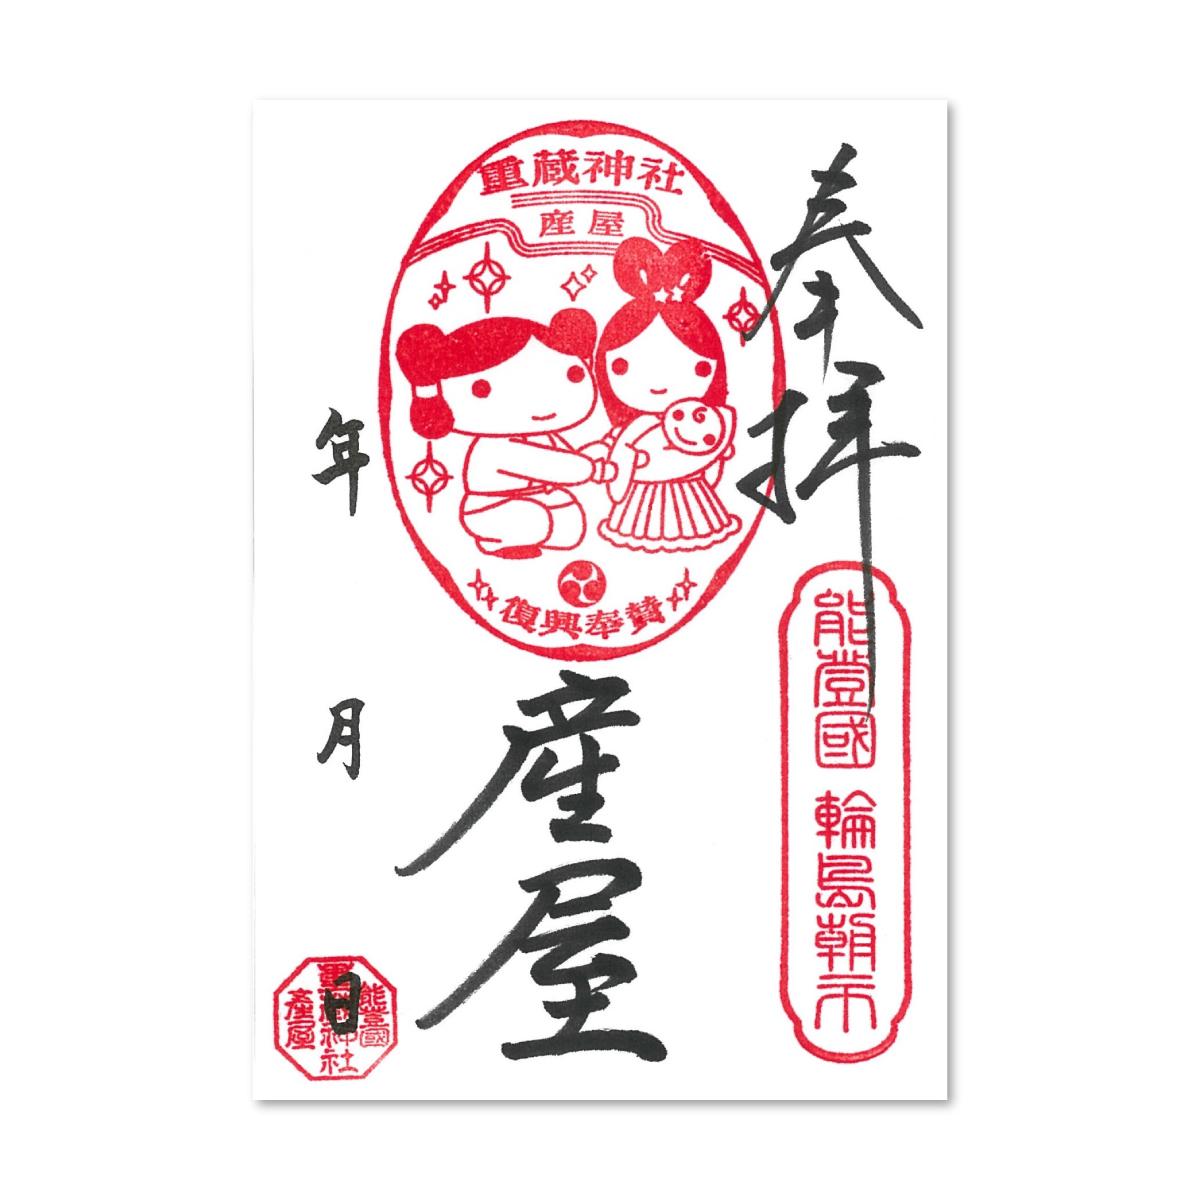 8. 産屋復興御朱印